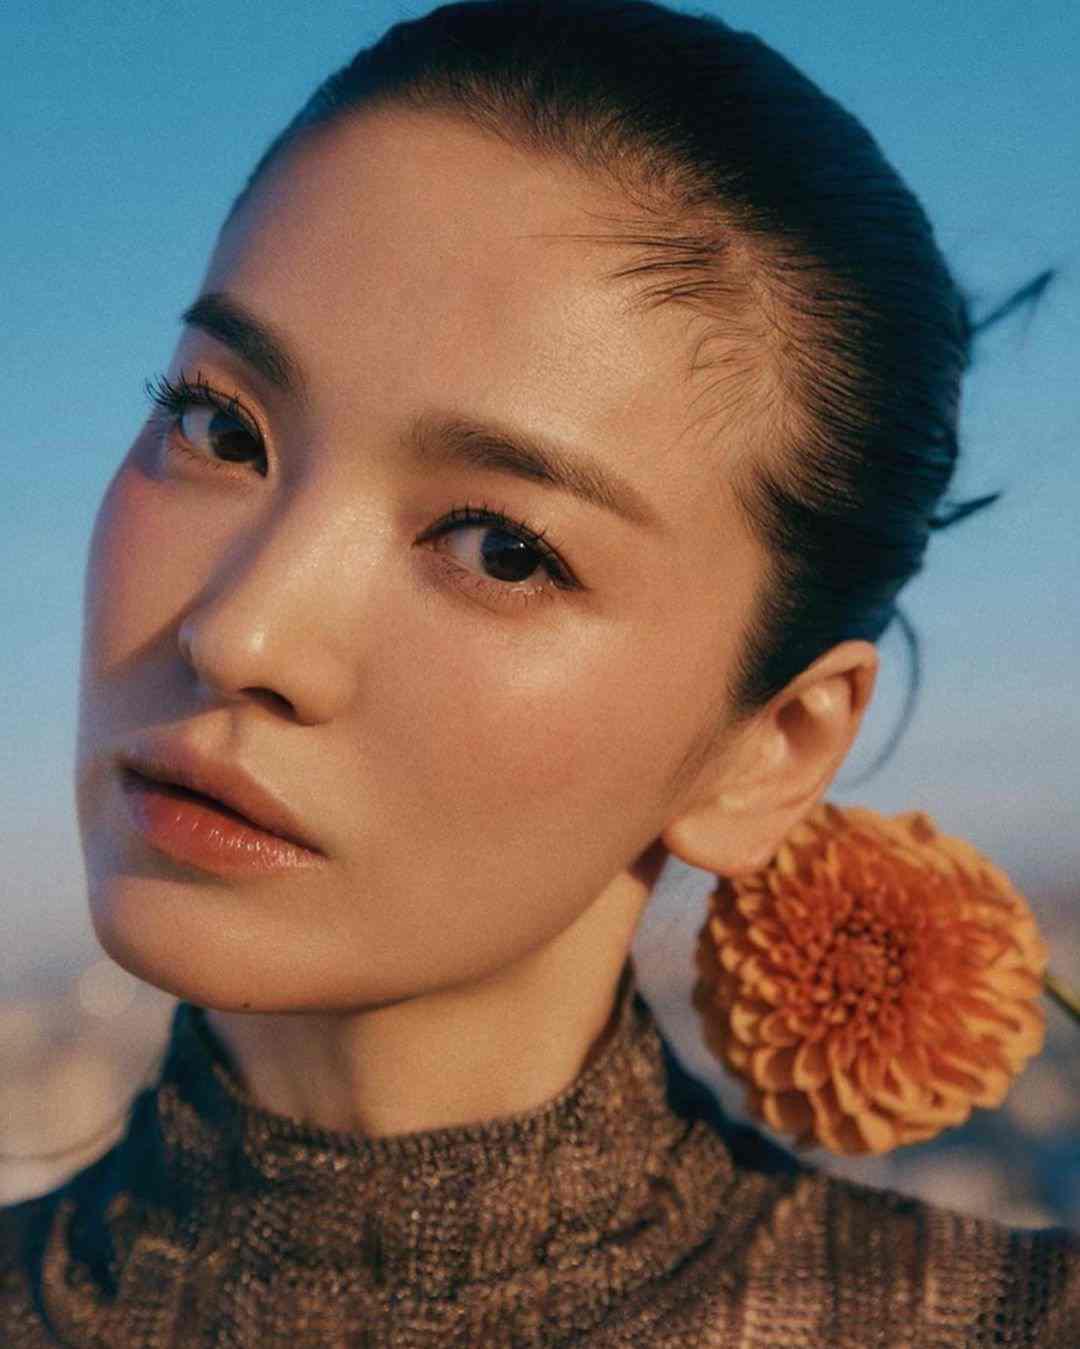 """Ánh ban mai lấp lánh trên làn da Song Hye Kyo là ánh nắng sớm của một ngày mới, một khởi đầu mới đúng với tinh thần """"New Beginnings"""" của tạp chí Vogue"""